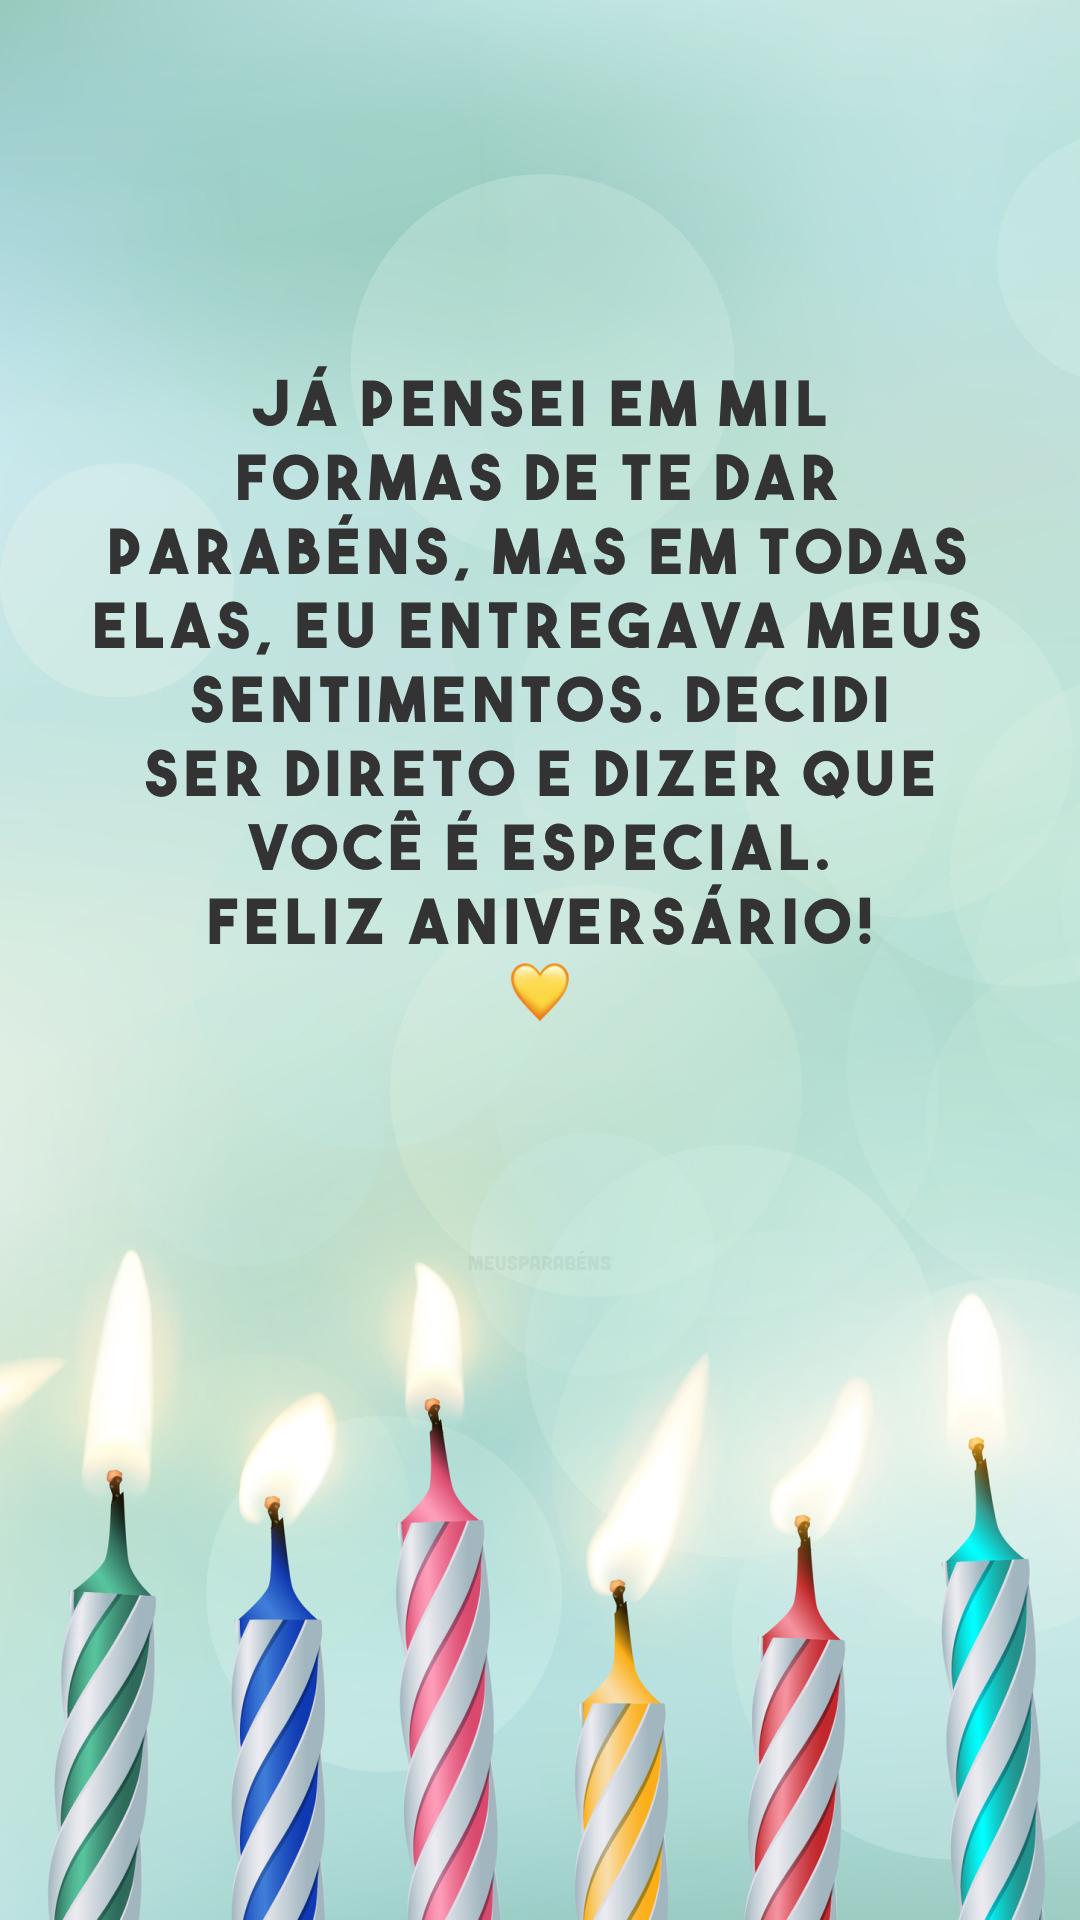 Já pensei em mil formas de te dar parabéns, mas em todas elas, eu entregava meus sentimentos. Decidi ser direto e dizer que você é especial. Feliz aniversário! 💛